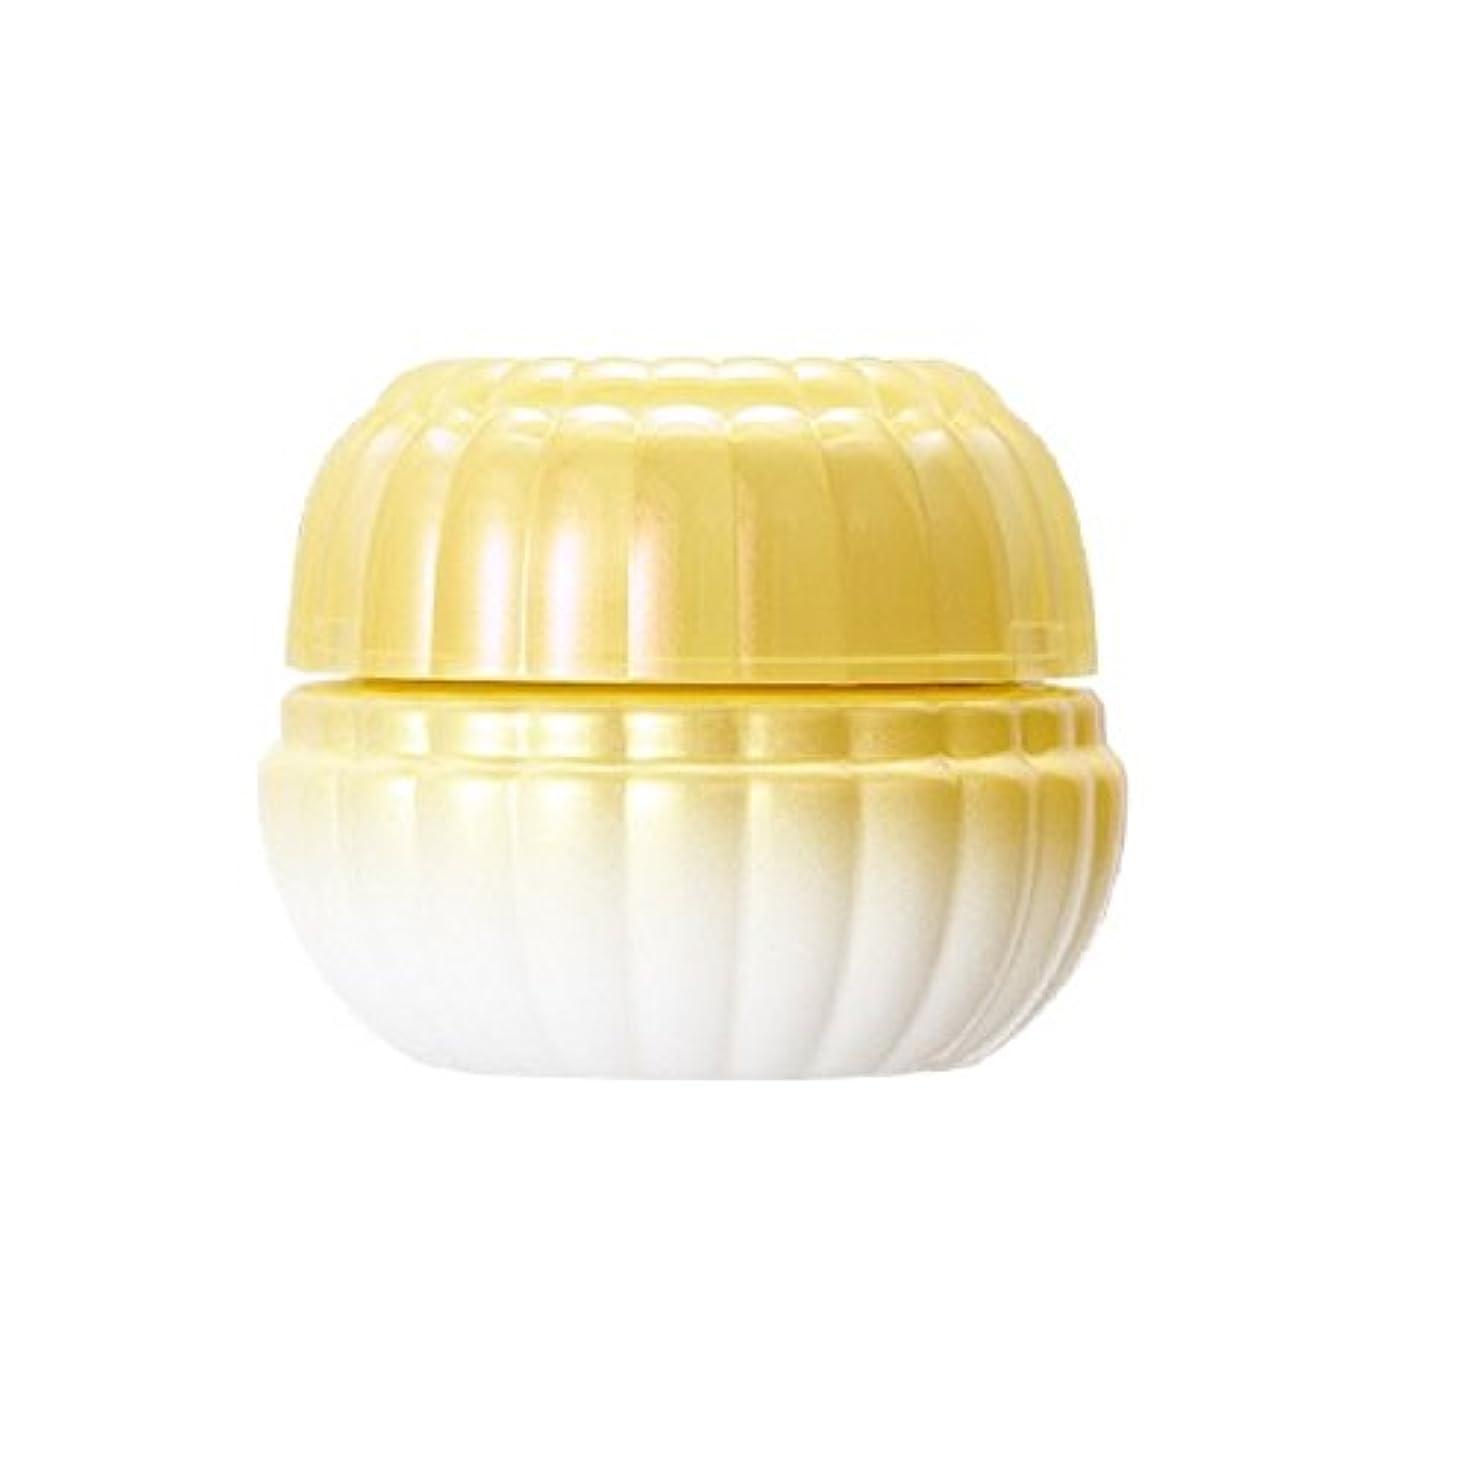 ピクニック資格兵器庫アユーラ (AYURA) モイストパワライズクリーム (医薬部外品) 28g 〈美白クリーム〉